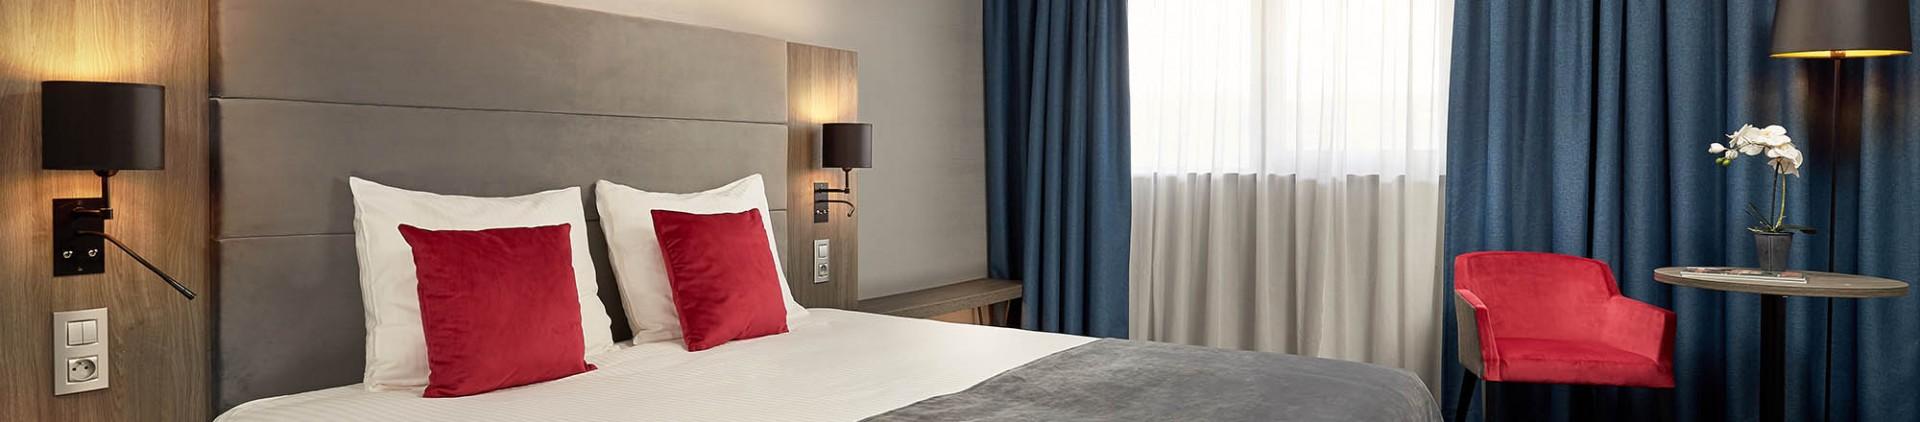 Uw programma - Hotels